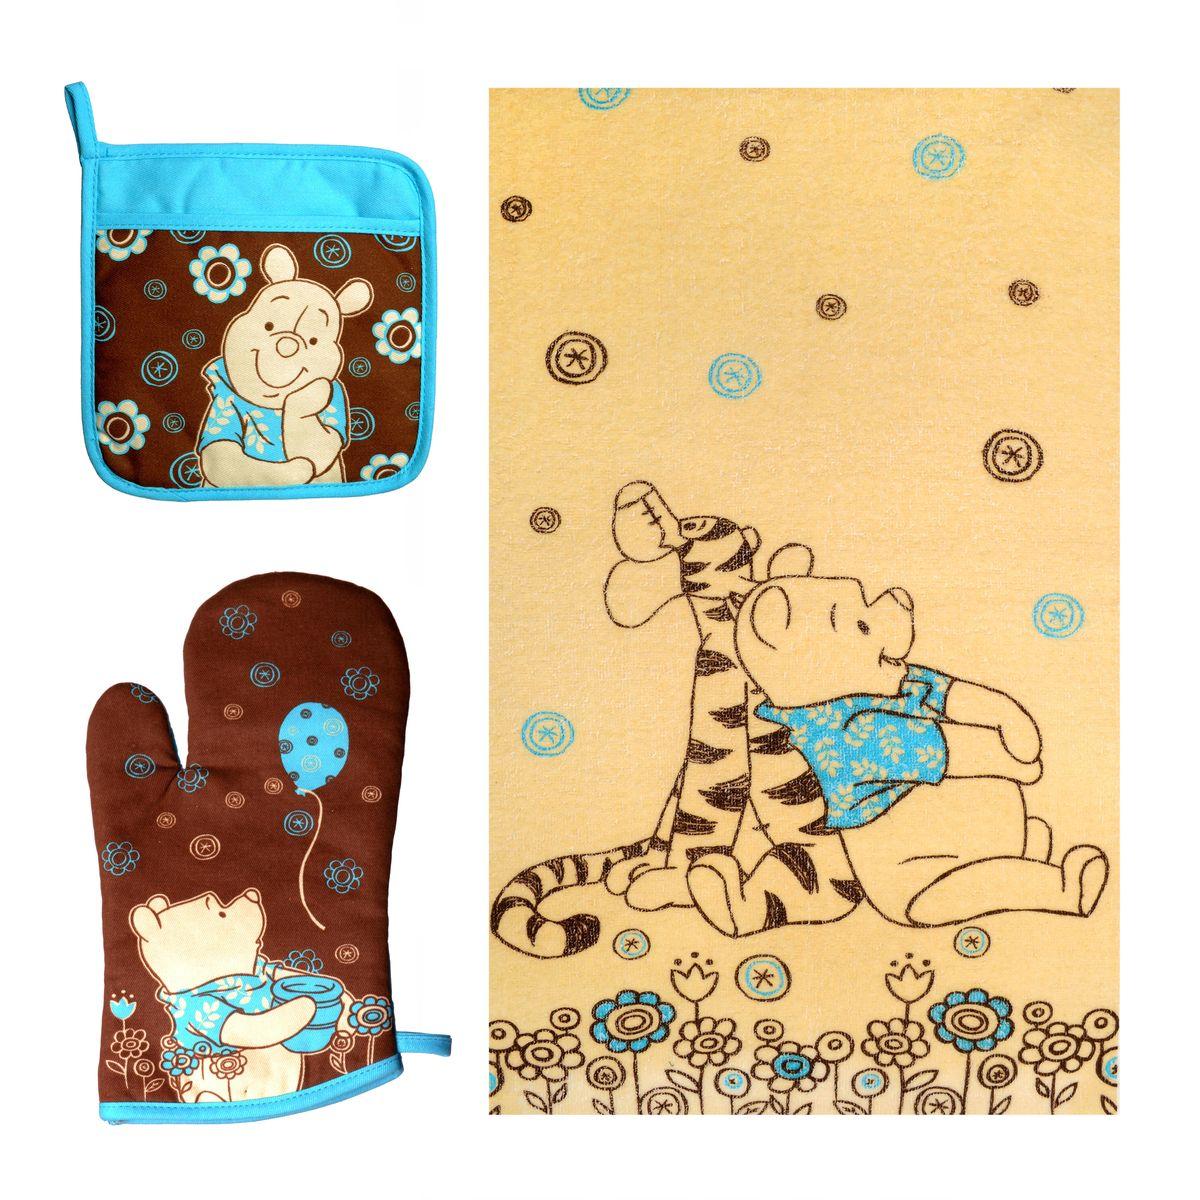 Набор для кухни Disney Winnie The Pooh, 3 предмета65098Набор для кухни Disney Winnie The Pooh, выполненный из 100% хлопка, состоит из полотенца, прихватки с карманом, варежки. Предметы набора оформлены изображением Винни Пуха и красивыми узорами. Прихватку и рукавицу можно подвешивать благодаря имеющимся на них петелькам. Такой набор - отличный вариант для практичной и современной молодой хозяйки. Размер полотенца: 37 см х 62 см. Размер прихватки: 18 см х 18 см. Размер варежки: 17 см х 28 см.